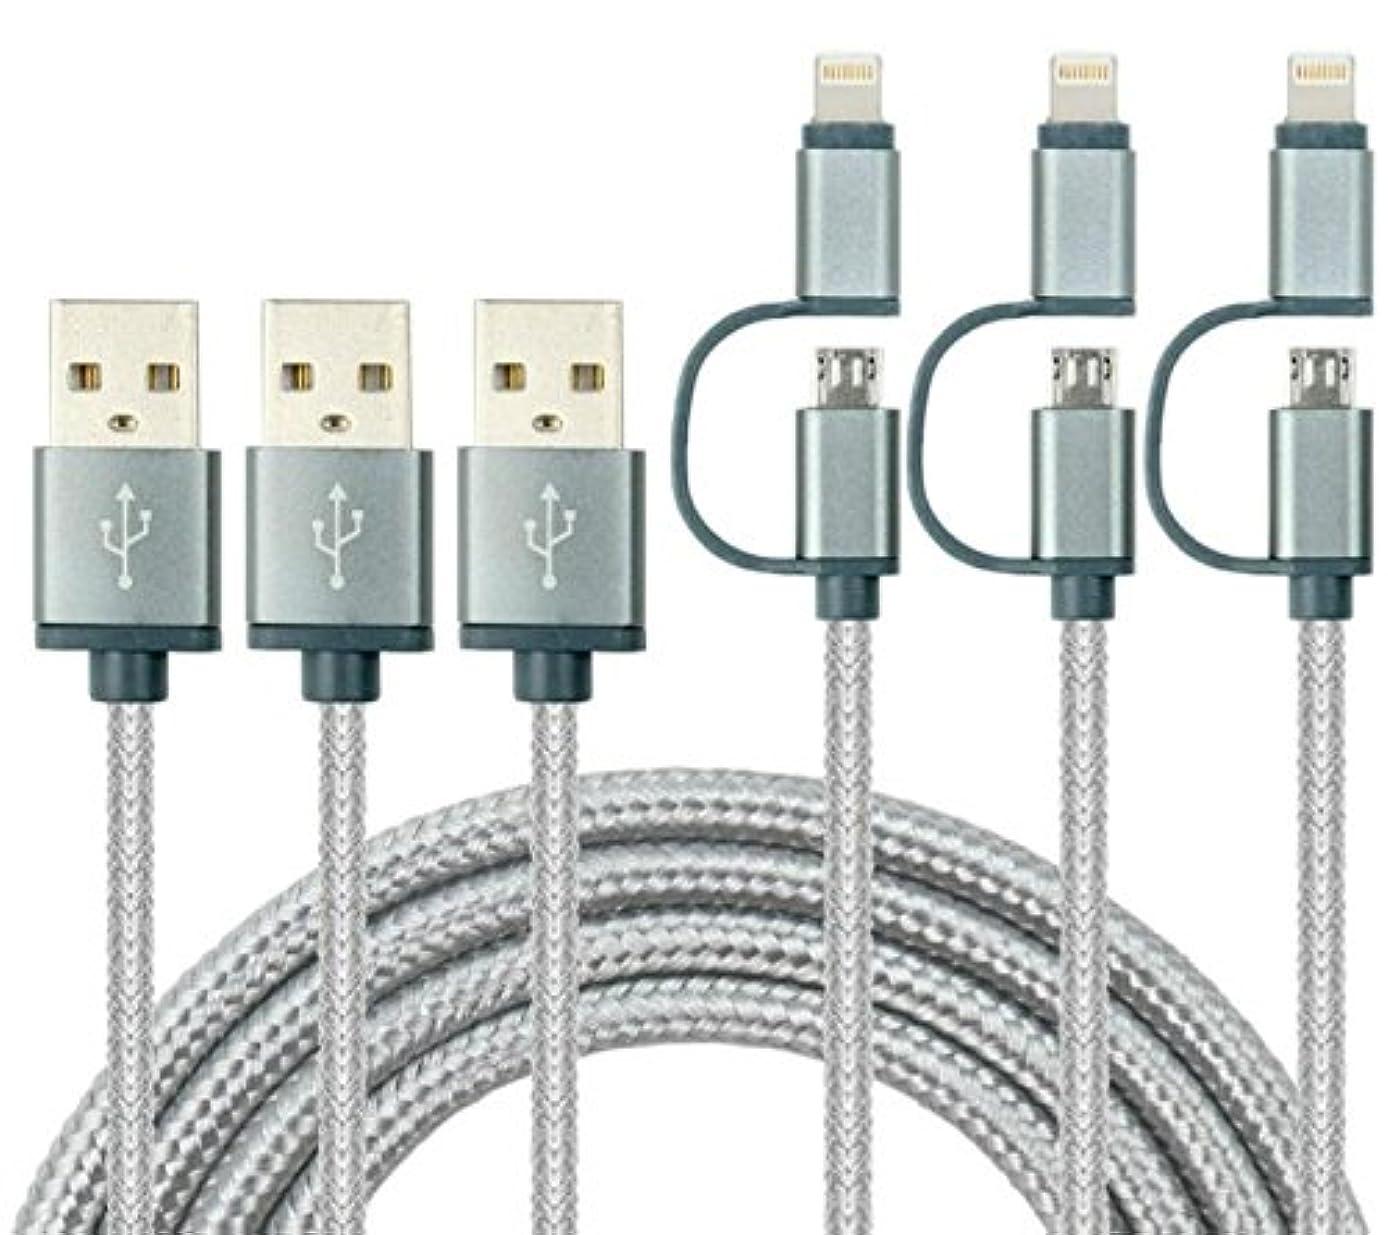 2in1ライトニングケーブルデータ転送ケーブル Lightning ケーブルUSBケーブ 3本セット1M ナイロンメッシュ 急速充電 高速データ転送 変換ケーブル ABタイプ iPhone7/7Plus/6splus/6s, iPad/iPod, Samsung, HTC, Androidなど多様の機種対応 シルバー